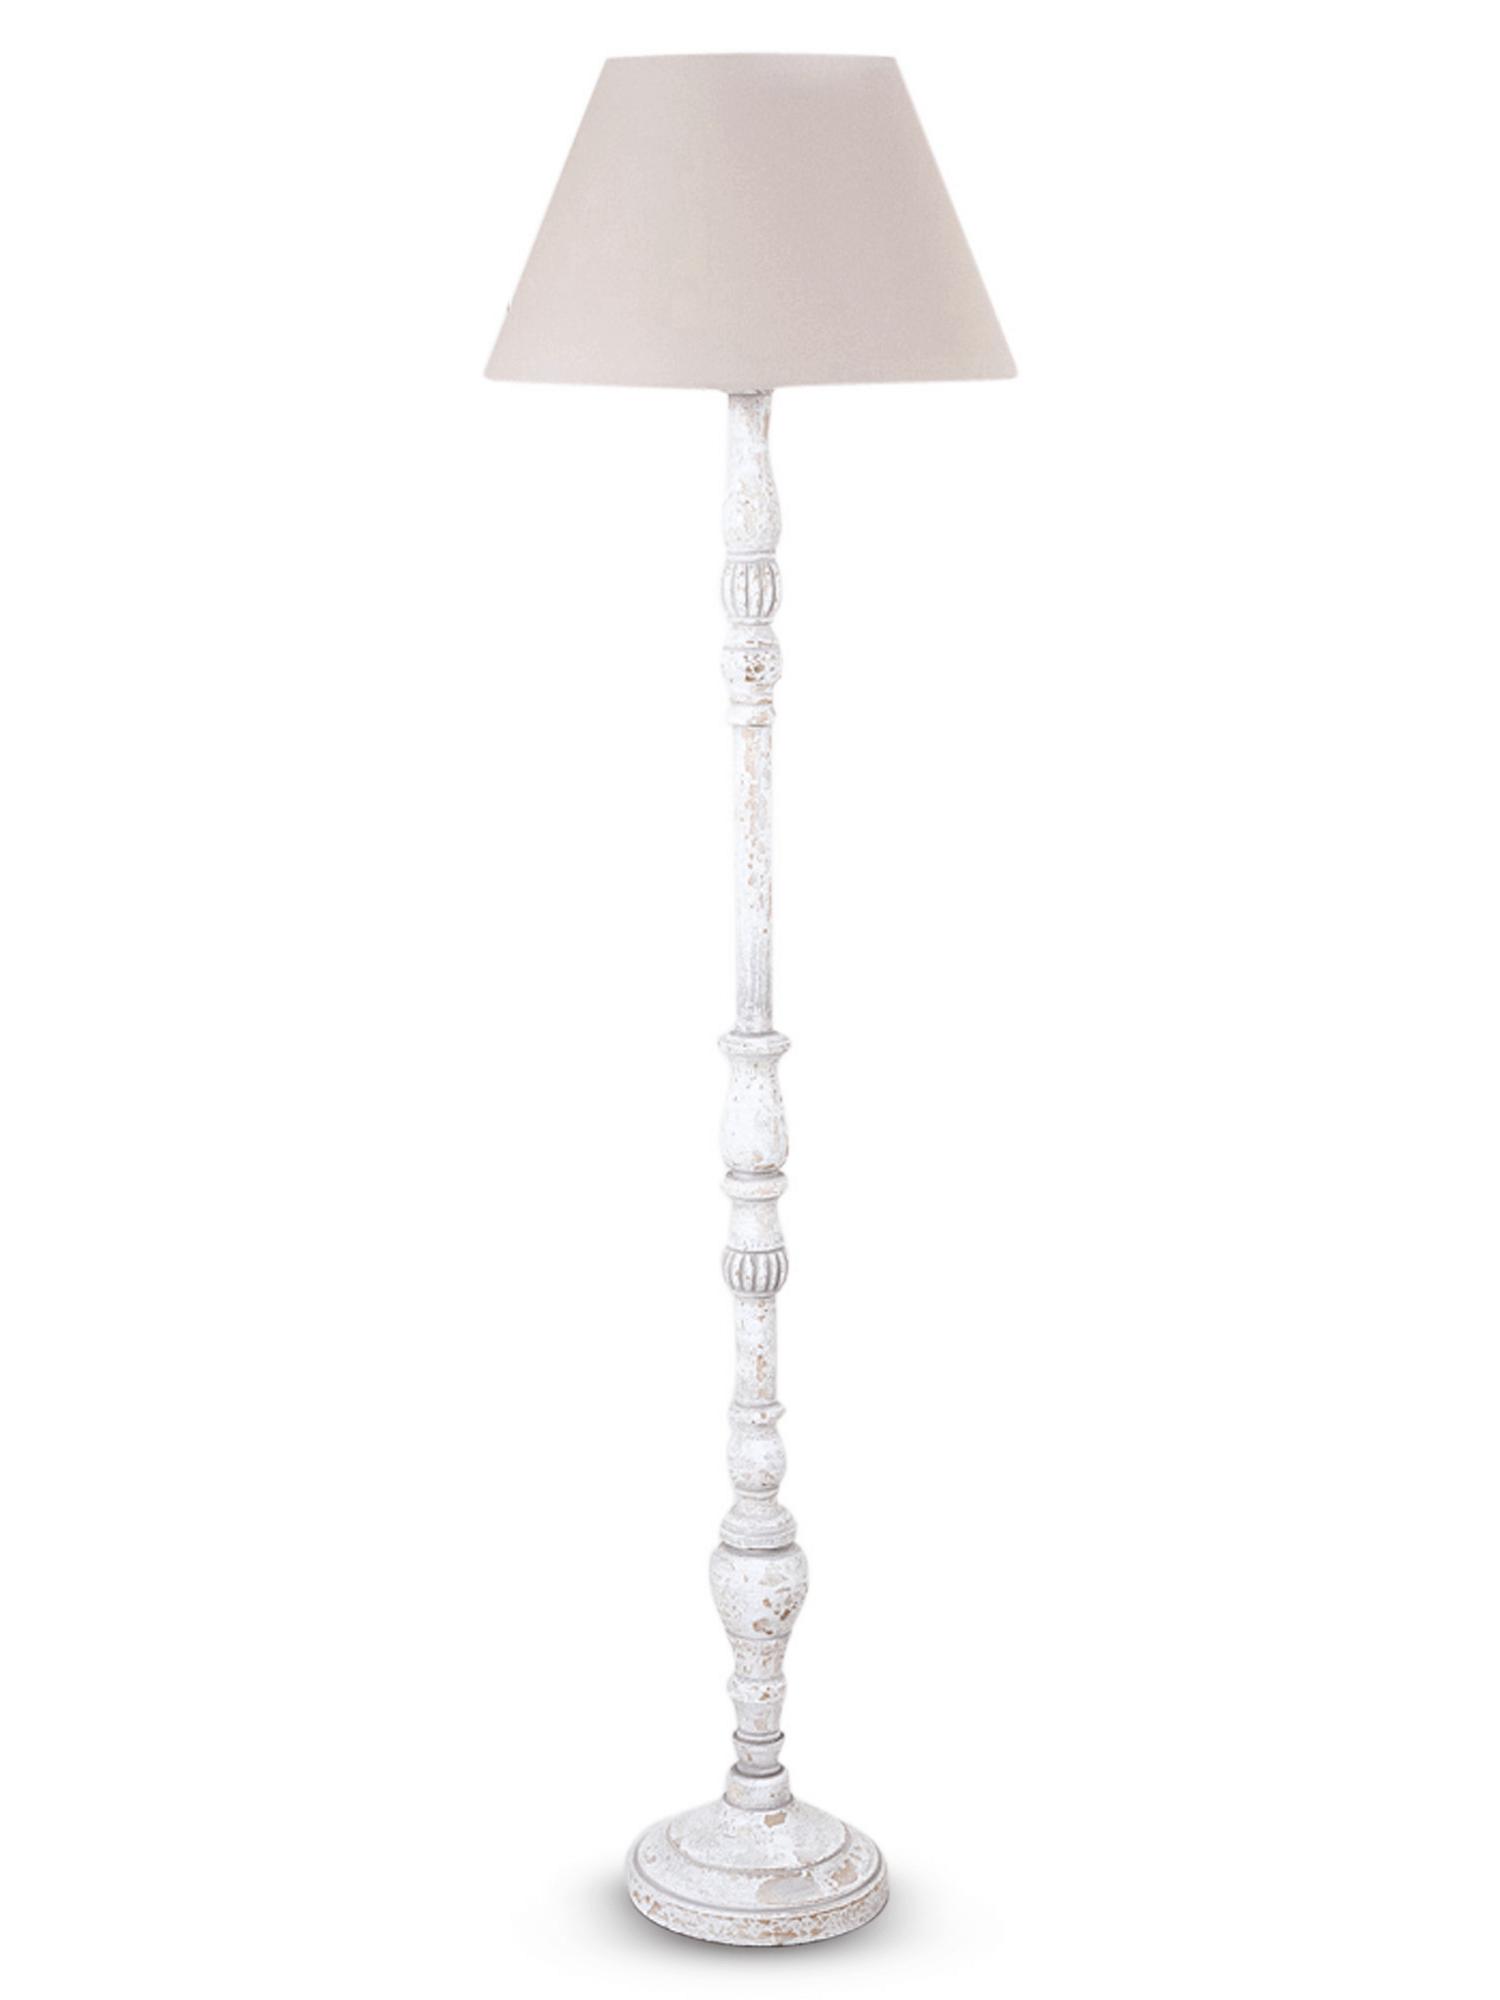 New elegant white wooden floor lamp living room ideas - Elegant floor lamps for living room ...